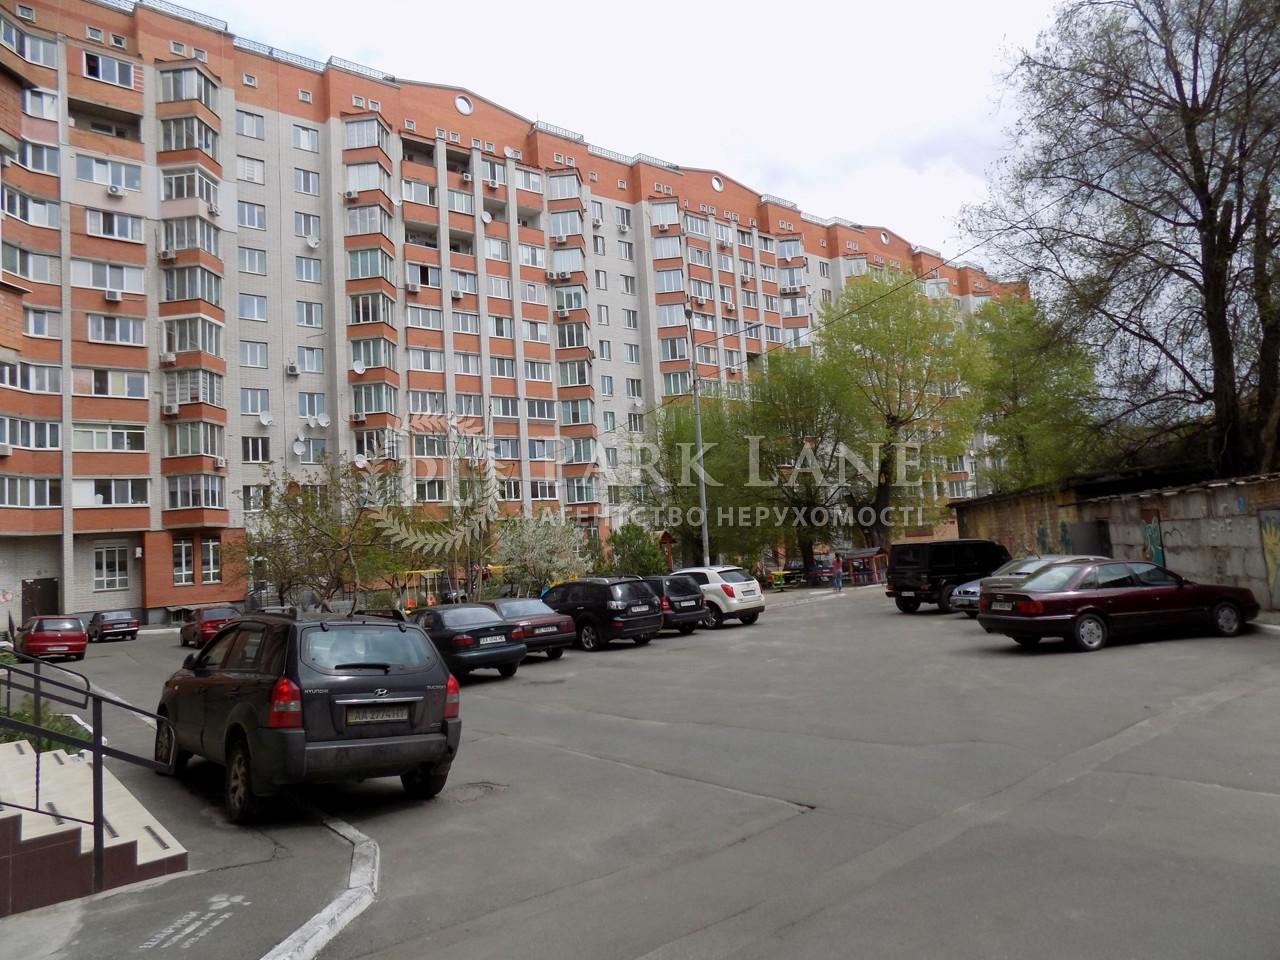 Стоматологія, I-27488, Хмельницька, Київ - Фото 3